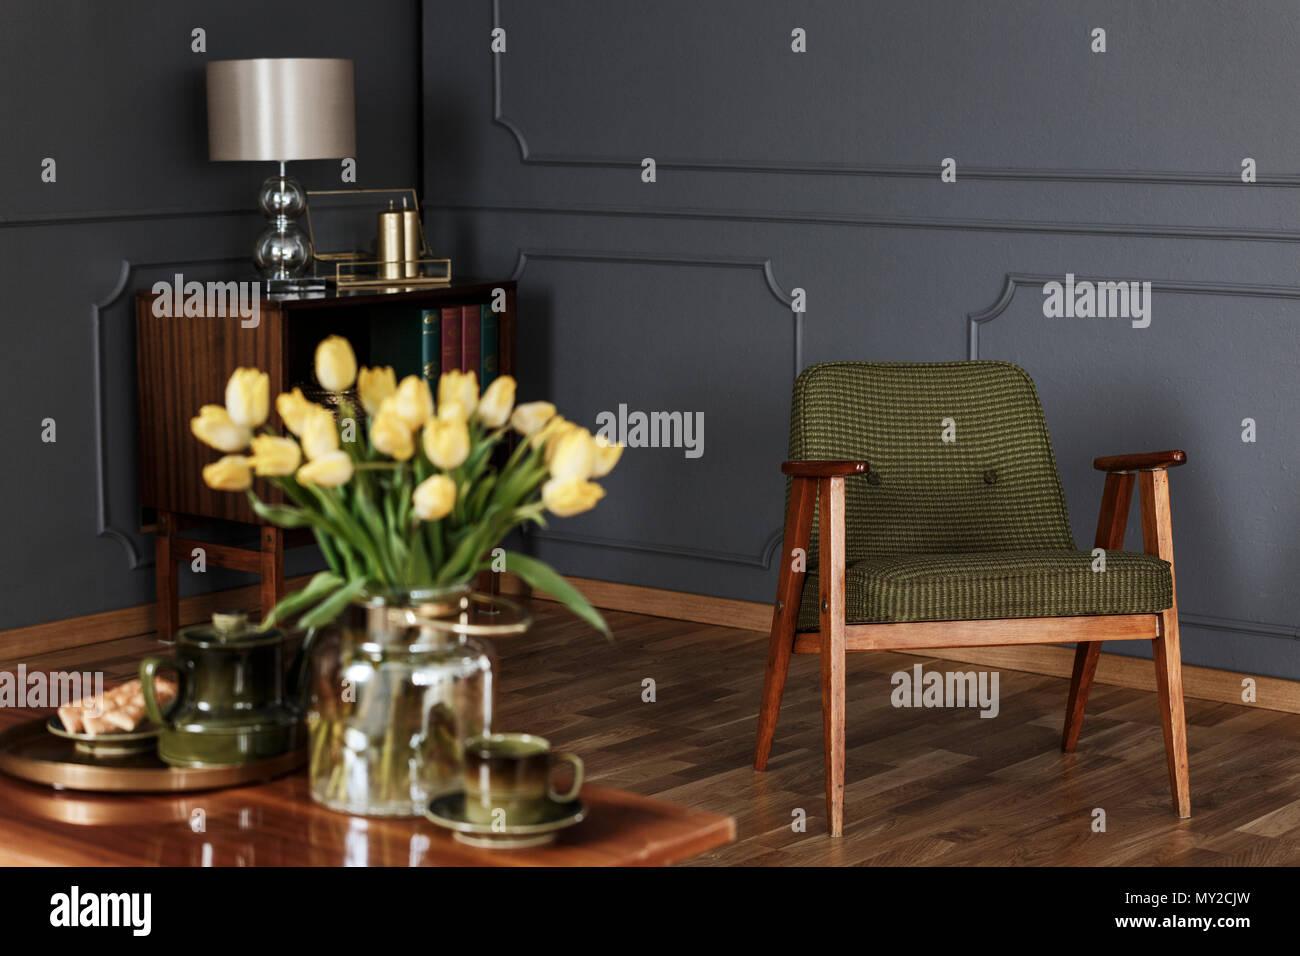 holz schrank wohnzimmer einrichtung, real photo eines grünen, altmodischen sessel im wohnzimmer, Design ideen